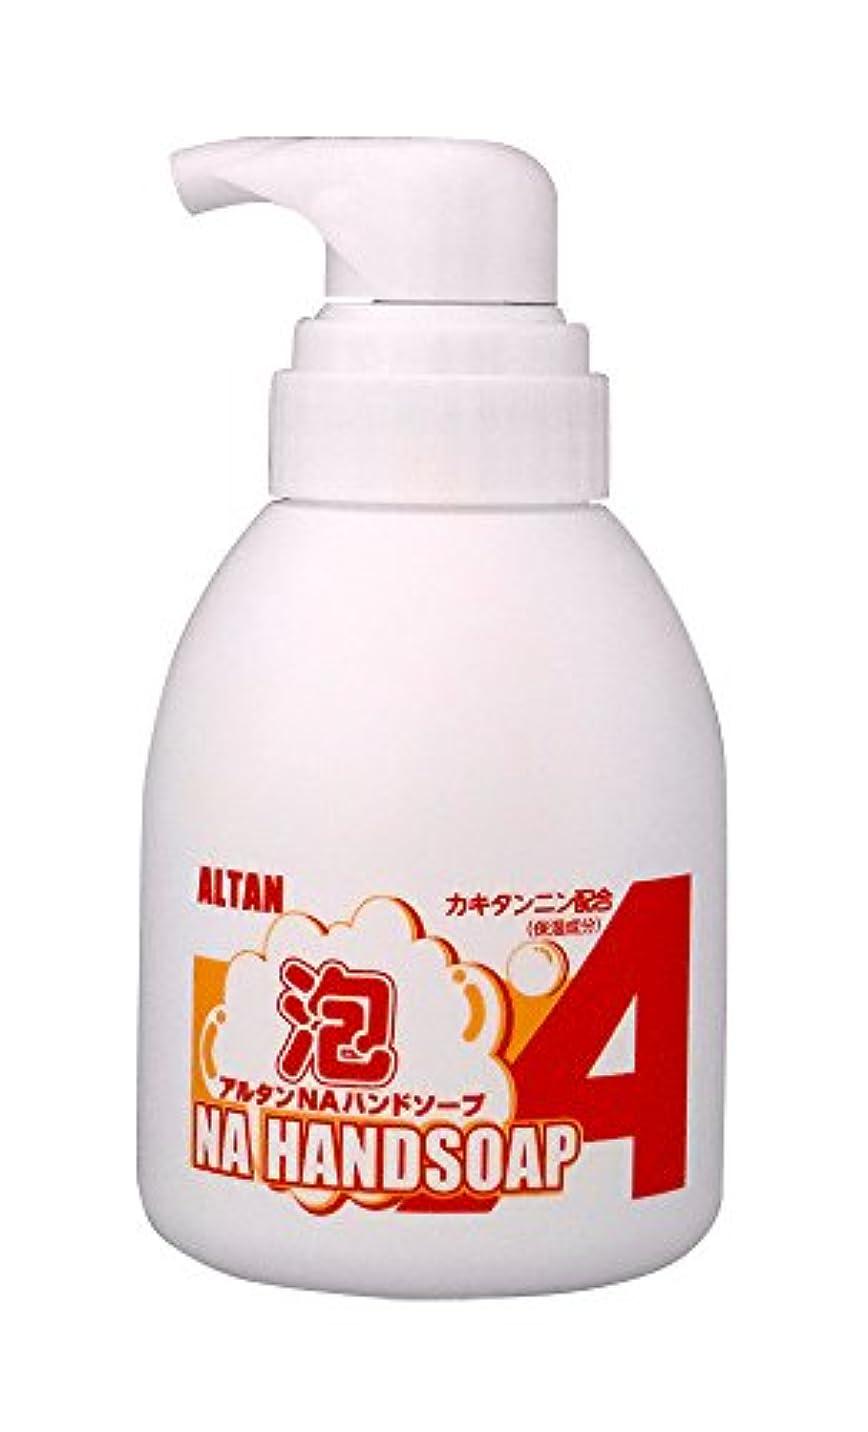 マリンスキャンダルタイトアルタン 業務用 洗浄用石けん アルタンNAハンドソープ 泡タイプ 500ml